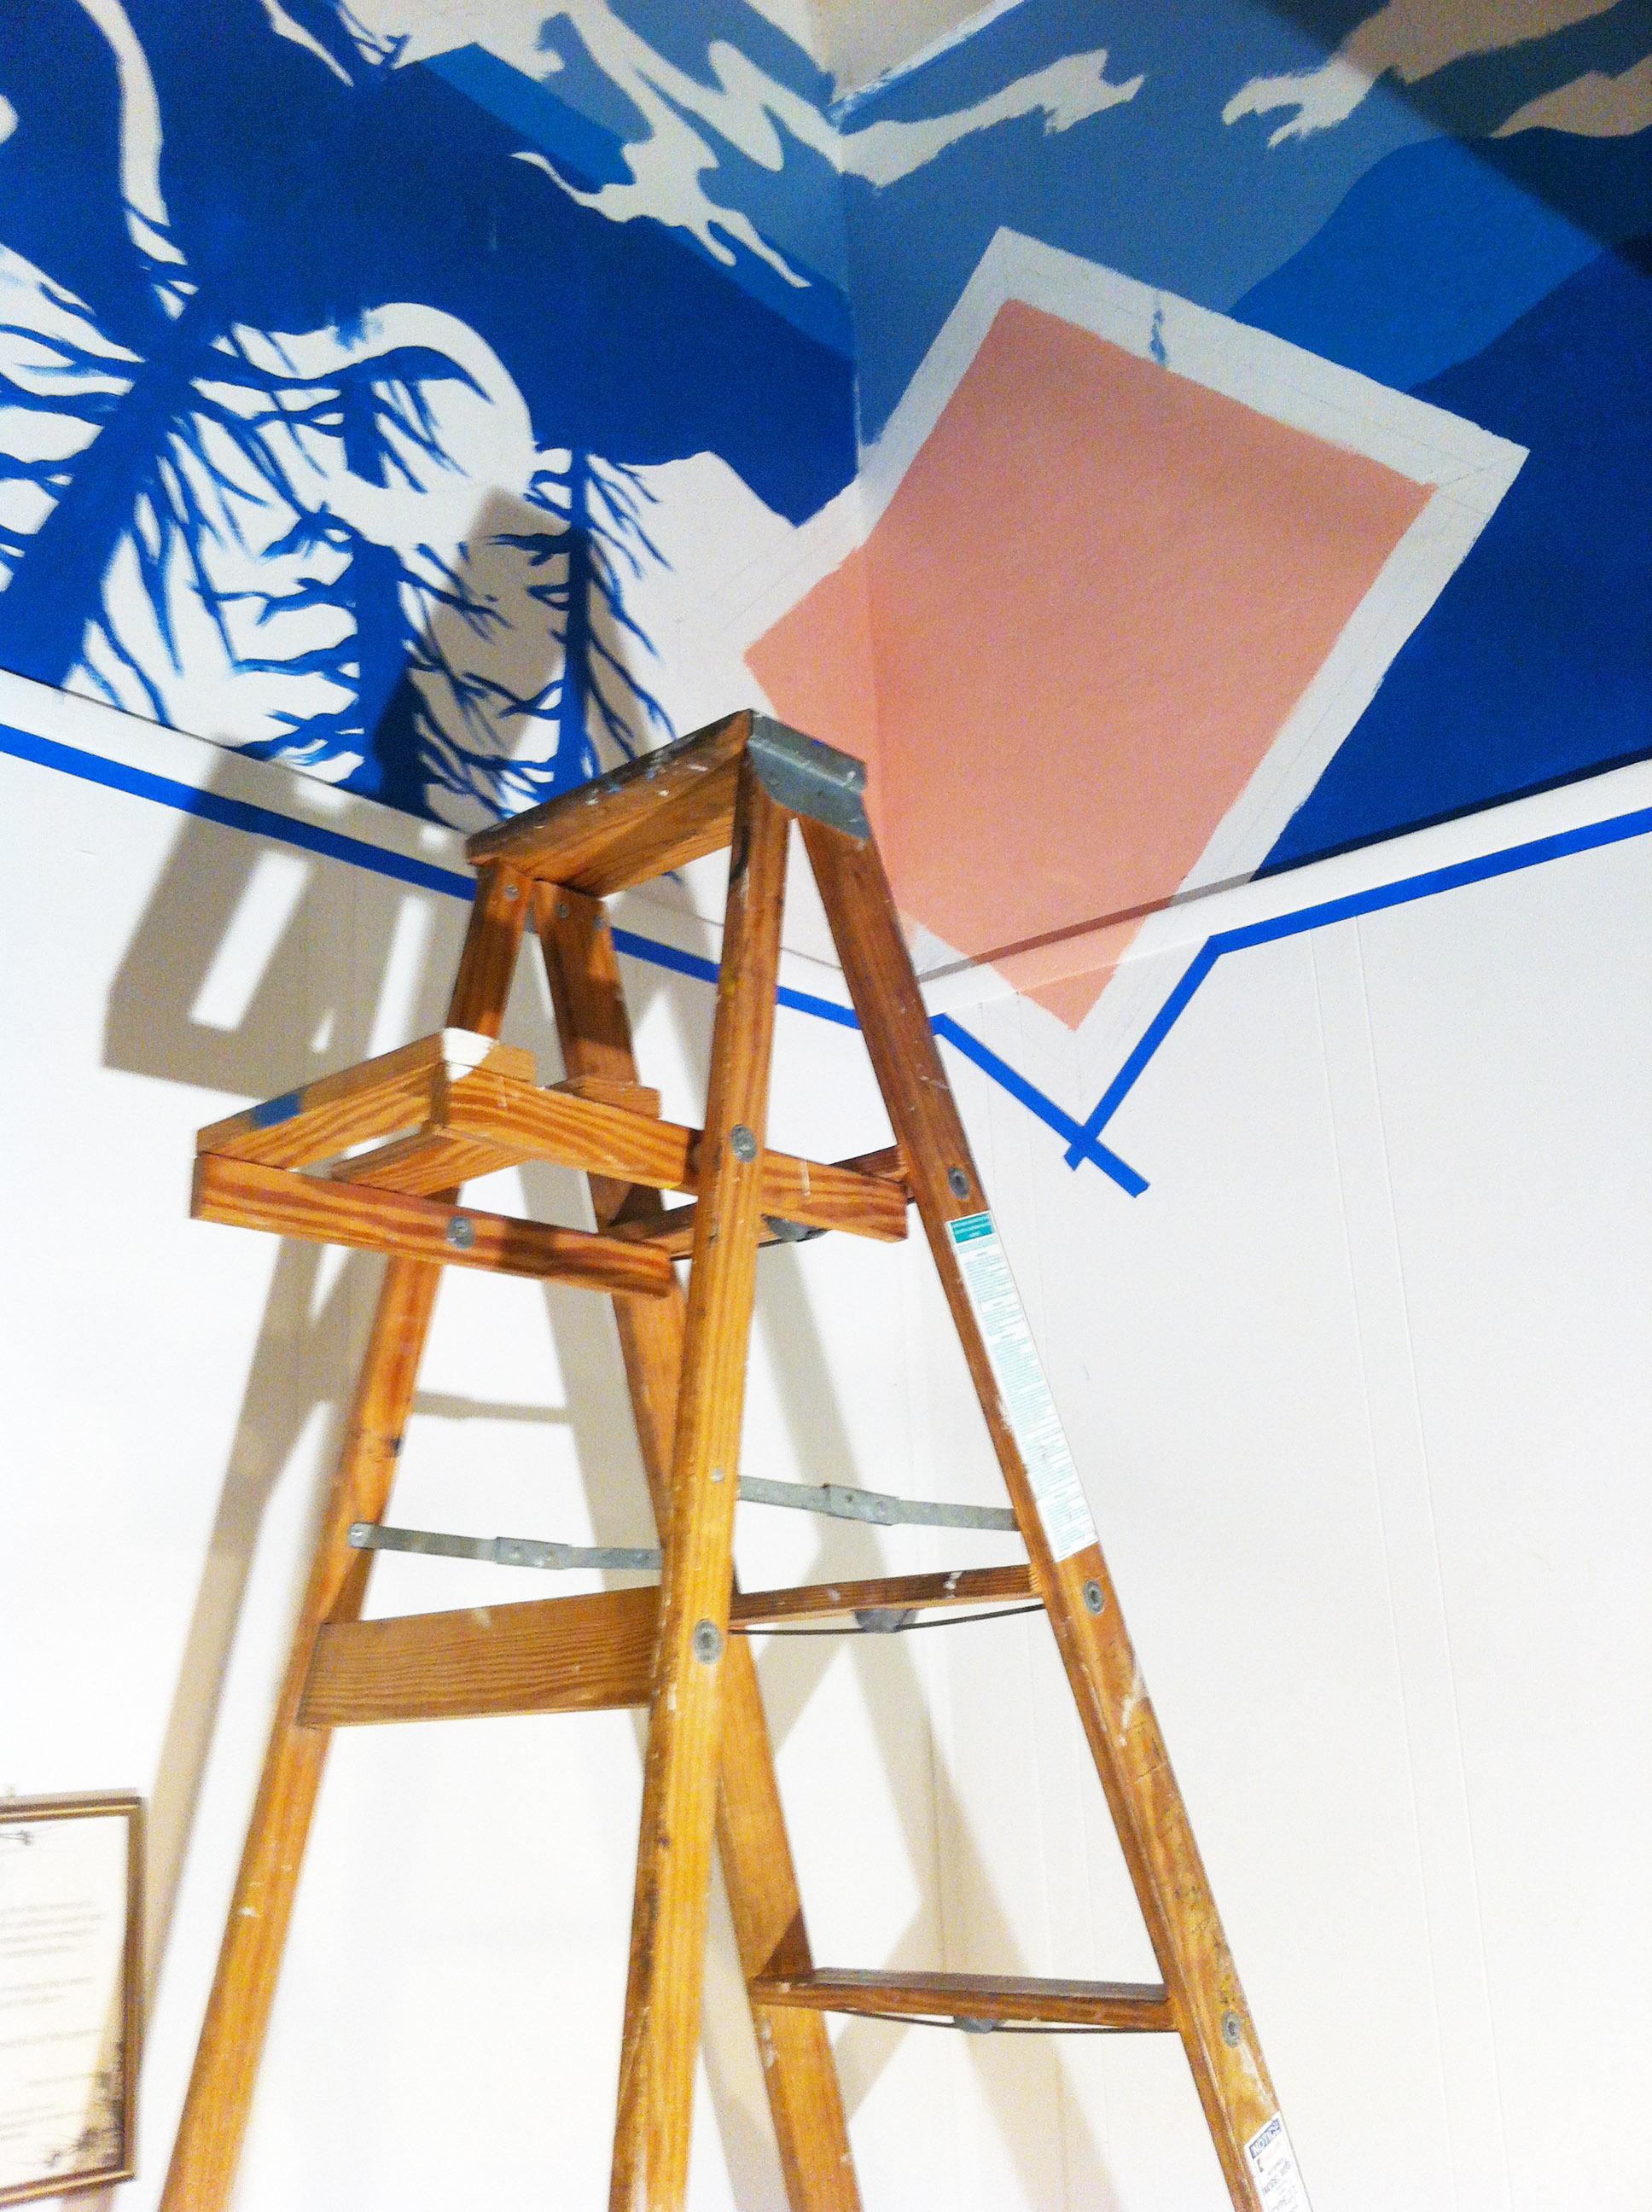 WIP: Ladder in corner.